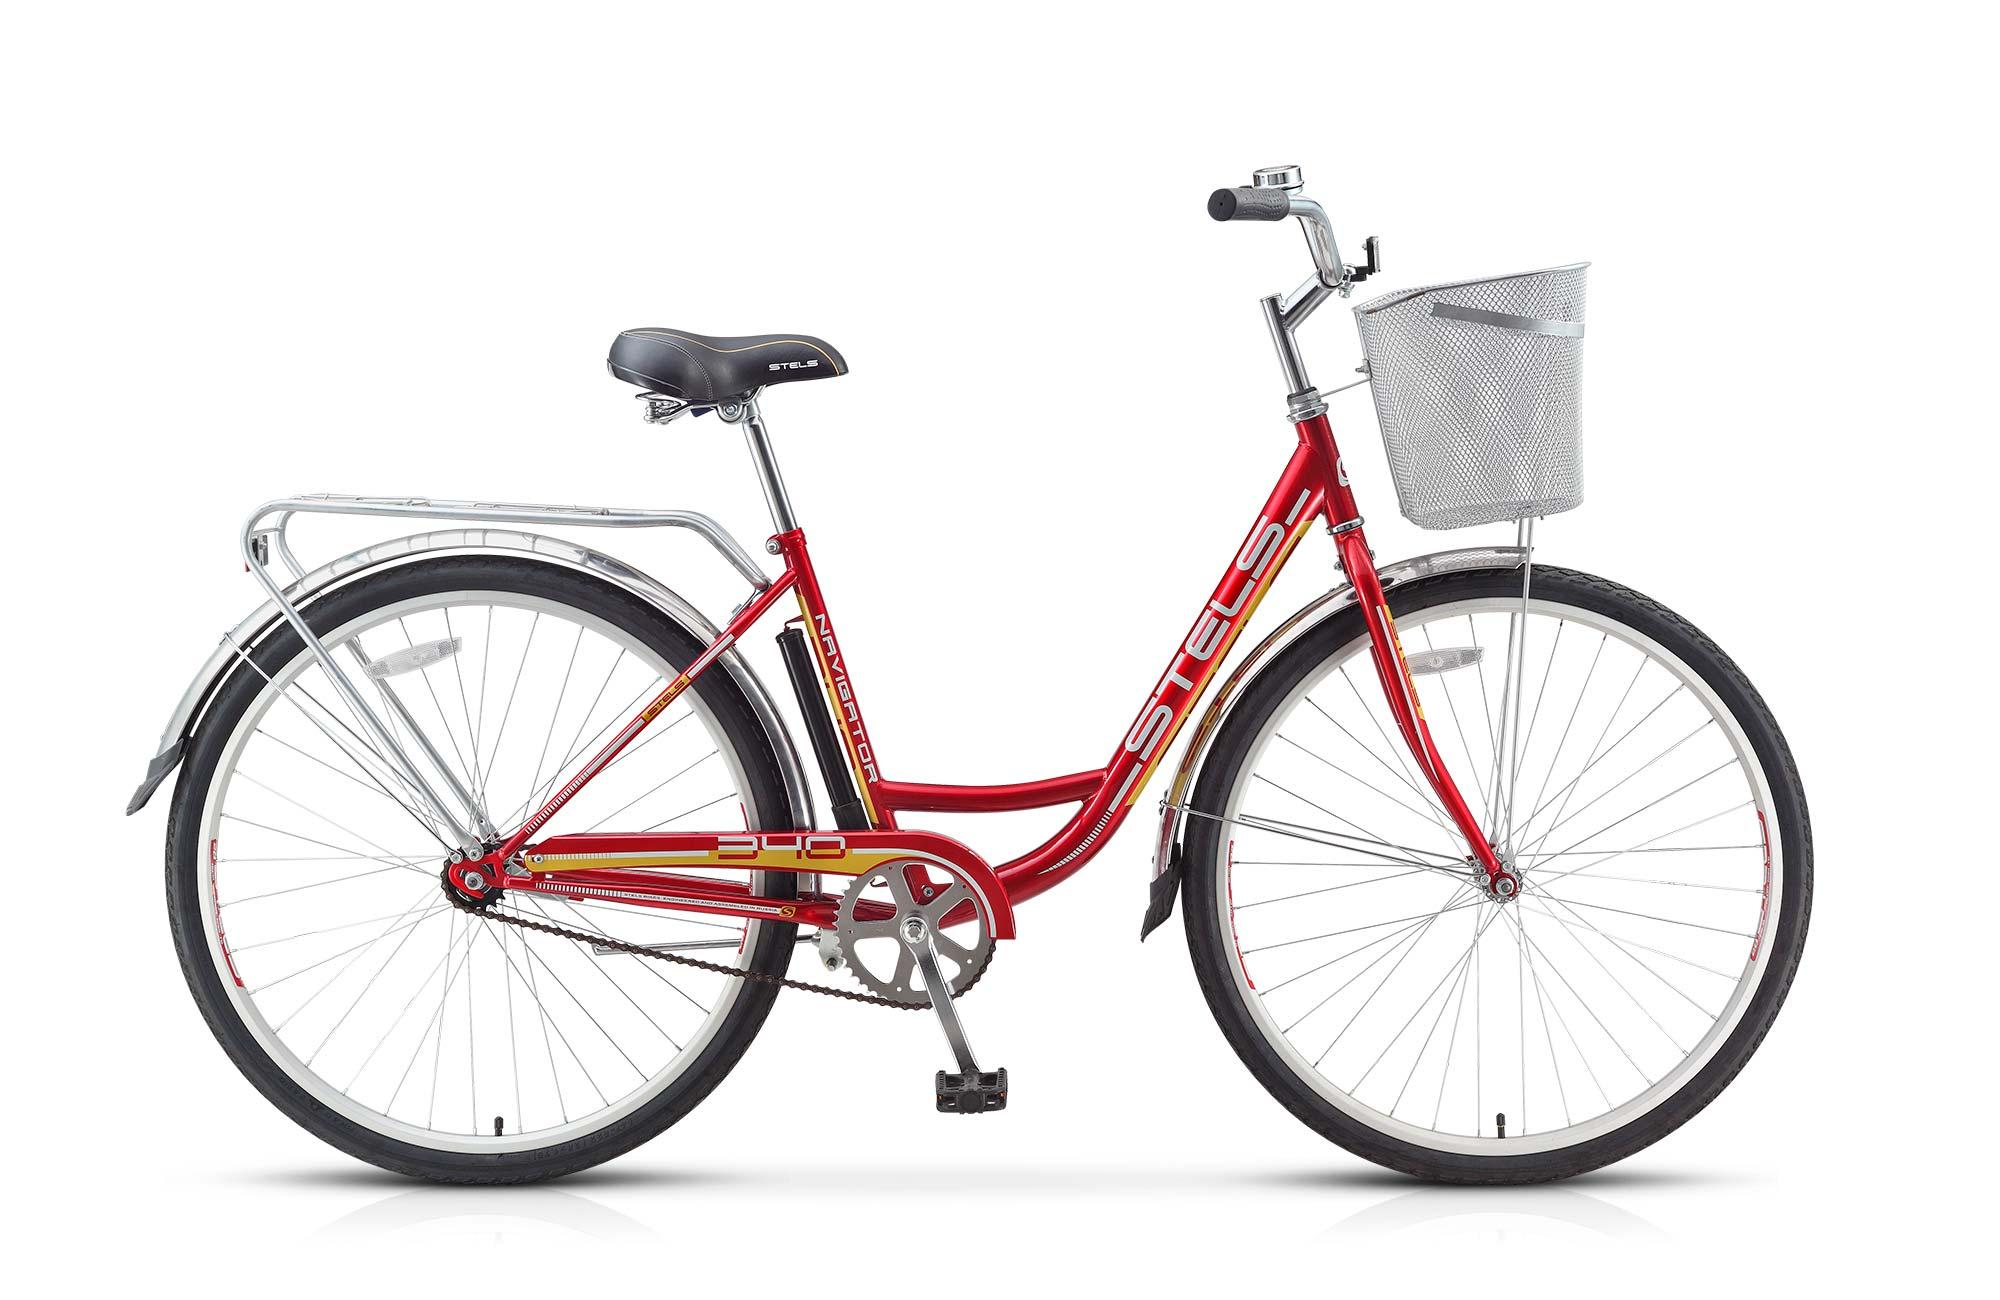 Велосипед Stels Navigator-340 Lady 28.15Велосипеды Stels<br>Женский комфортный велосипед Stels Navigator 340 Lady 2015 года отличается потрясающим удобством и стильным, модным дизайном, который придется по вкусу современным девушкам. Модель прекрасно подходит для катания по асфальту, лесным и парковым дорожкам. Ус...<br>